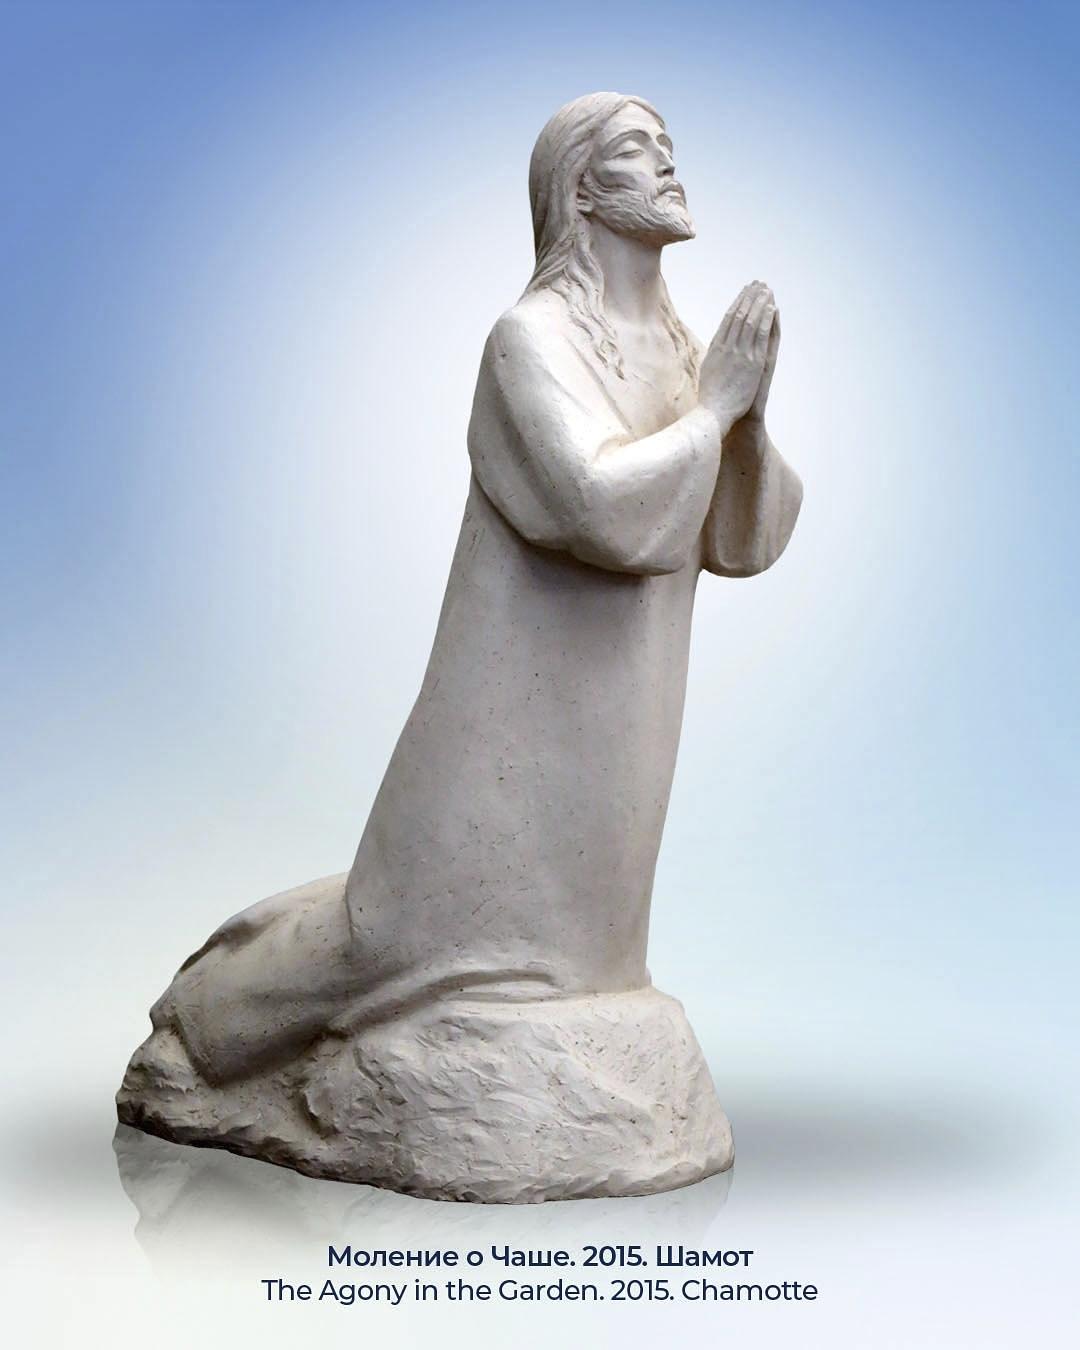 Моління про Чашу. 2015 - img 20200416 000138 115